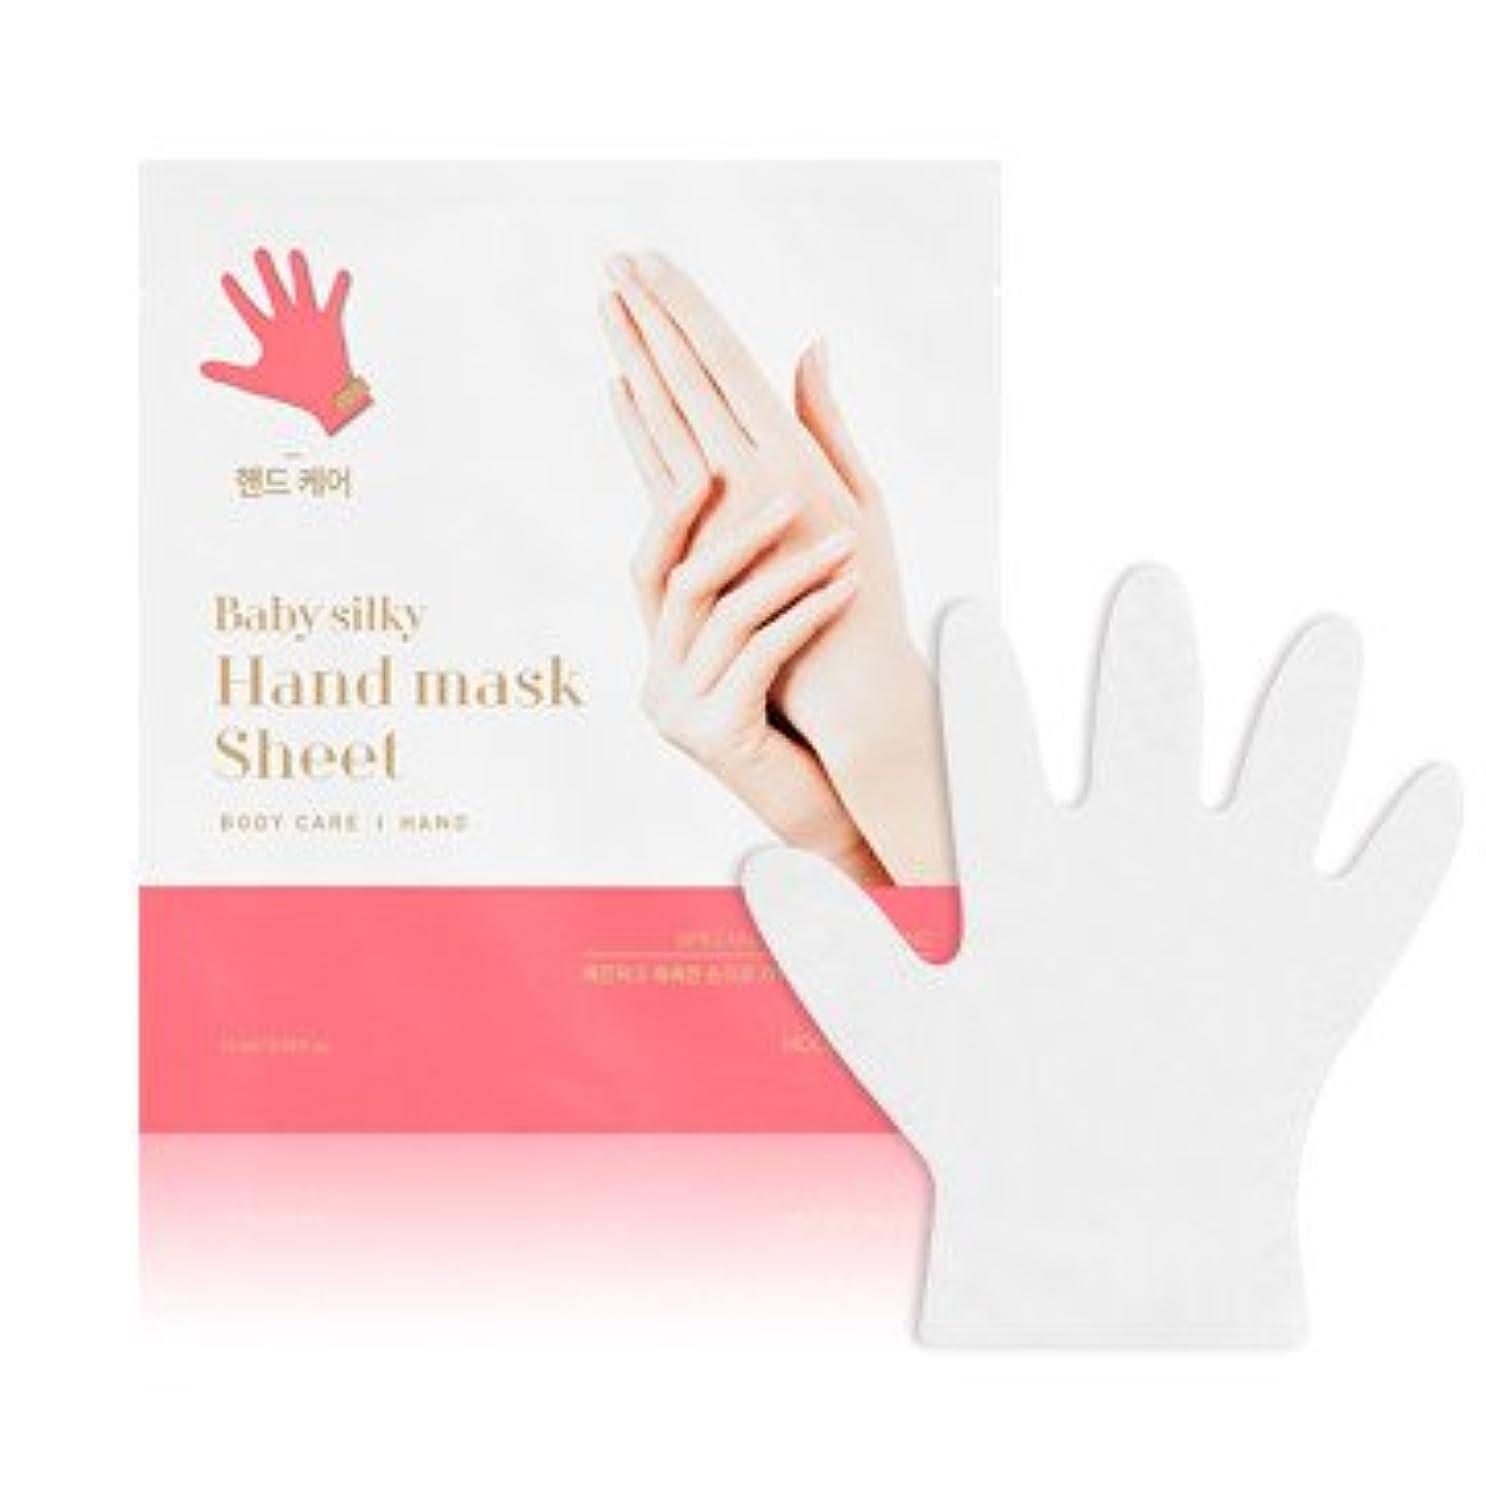 症候群時々時々はぁ[Holika Holika/ホリカホリカ] ベビーシルキーハンド マスクシート ?しっとり?/ Baby Silky hand Mask Sheet 6EA [並行輸入品]